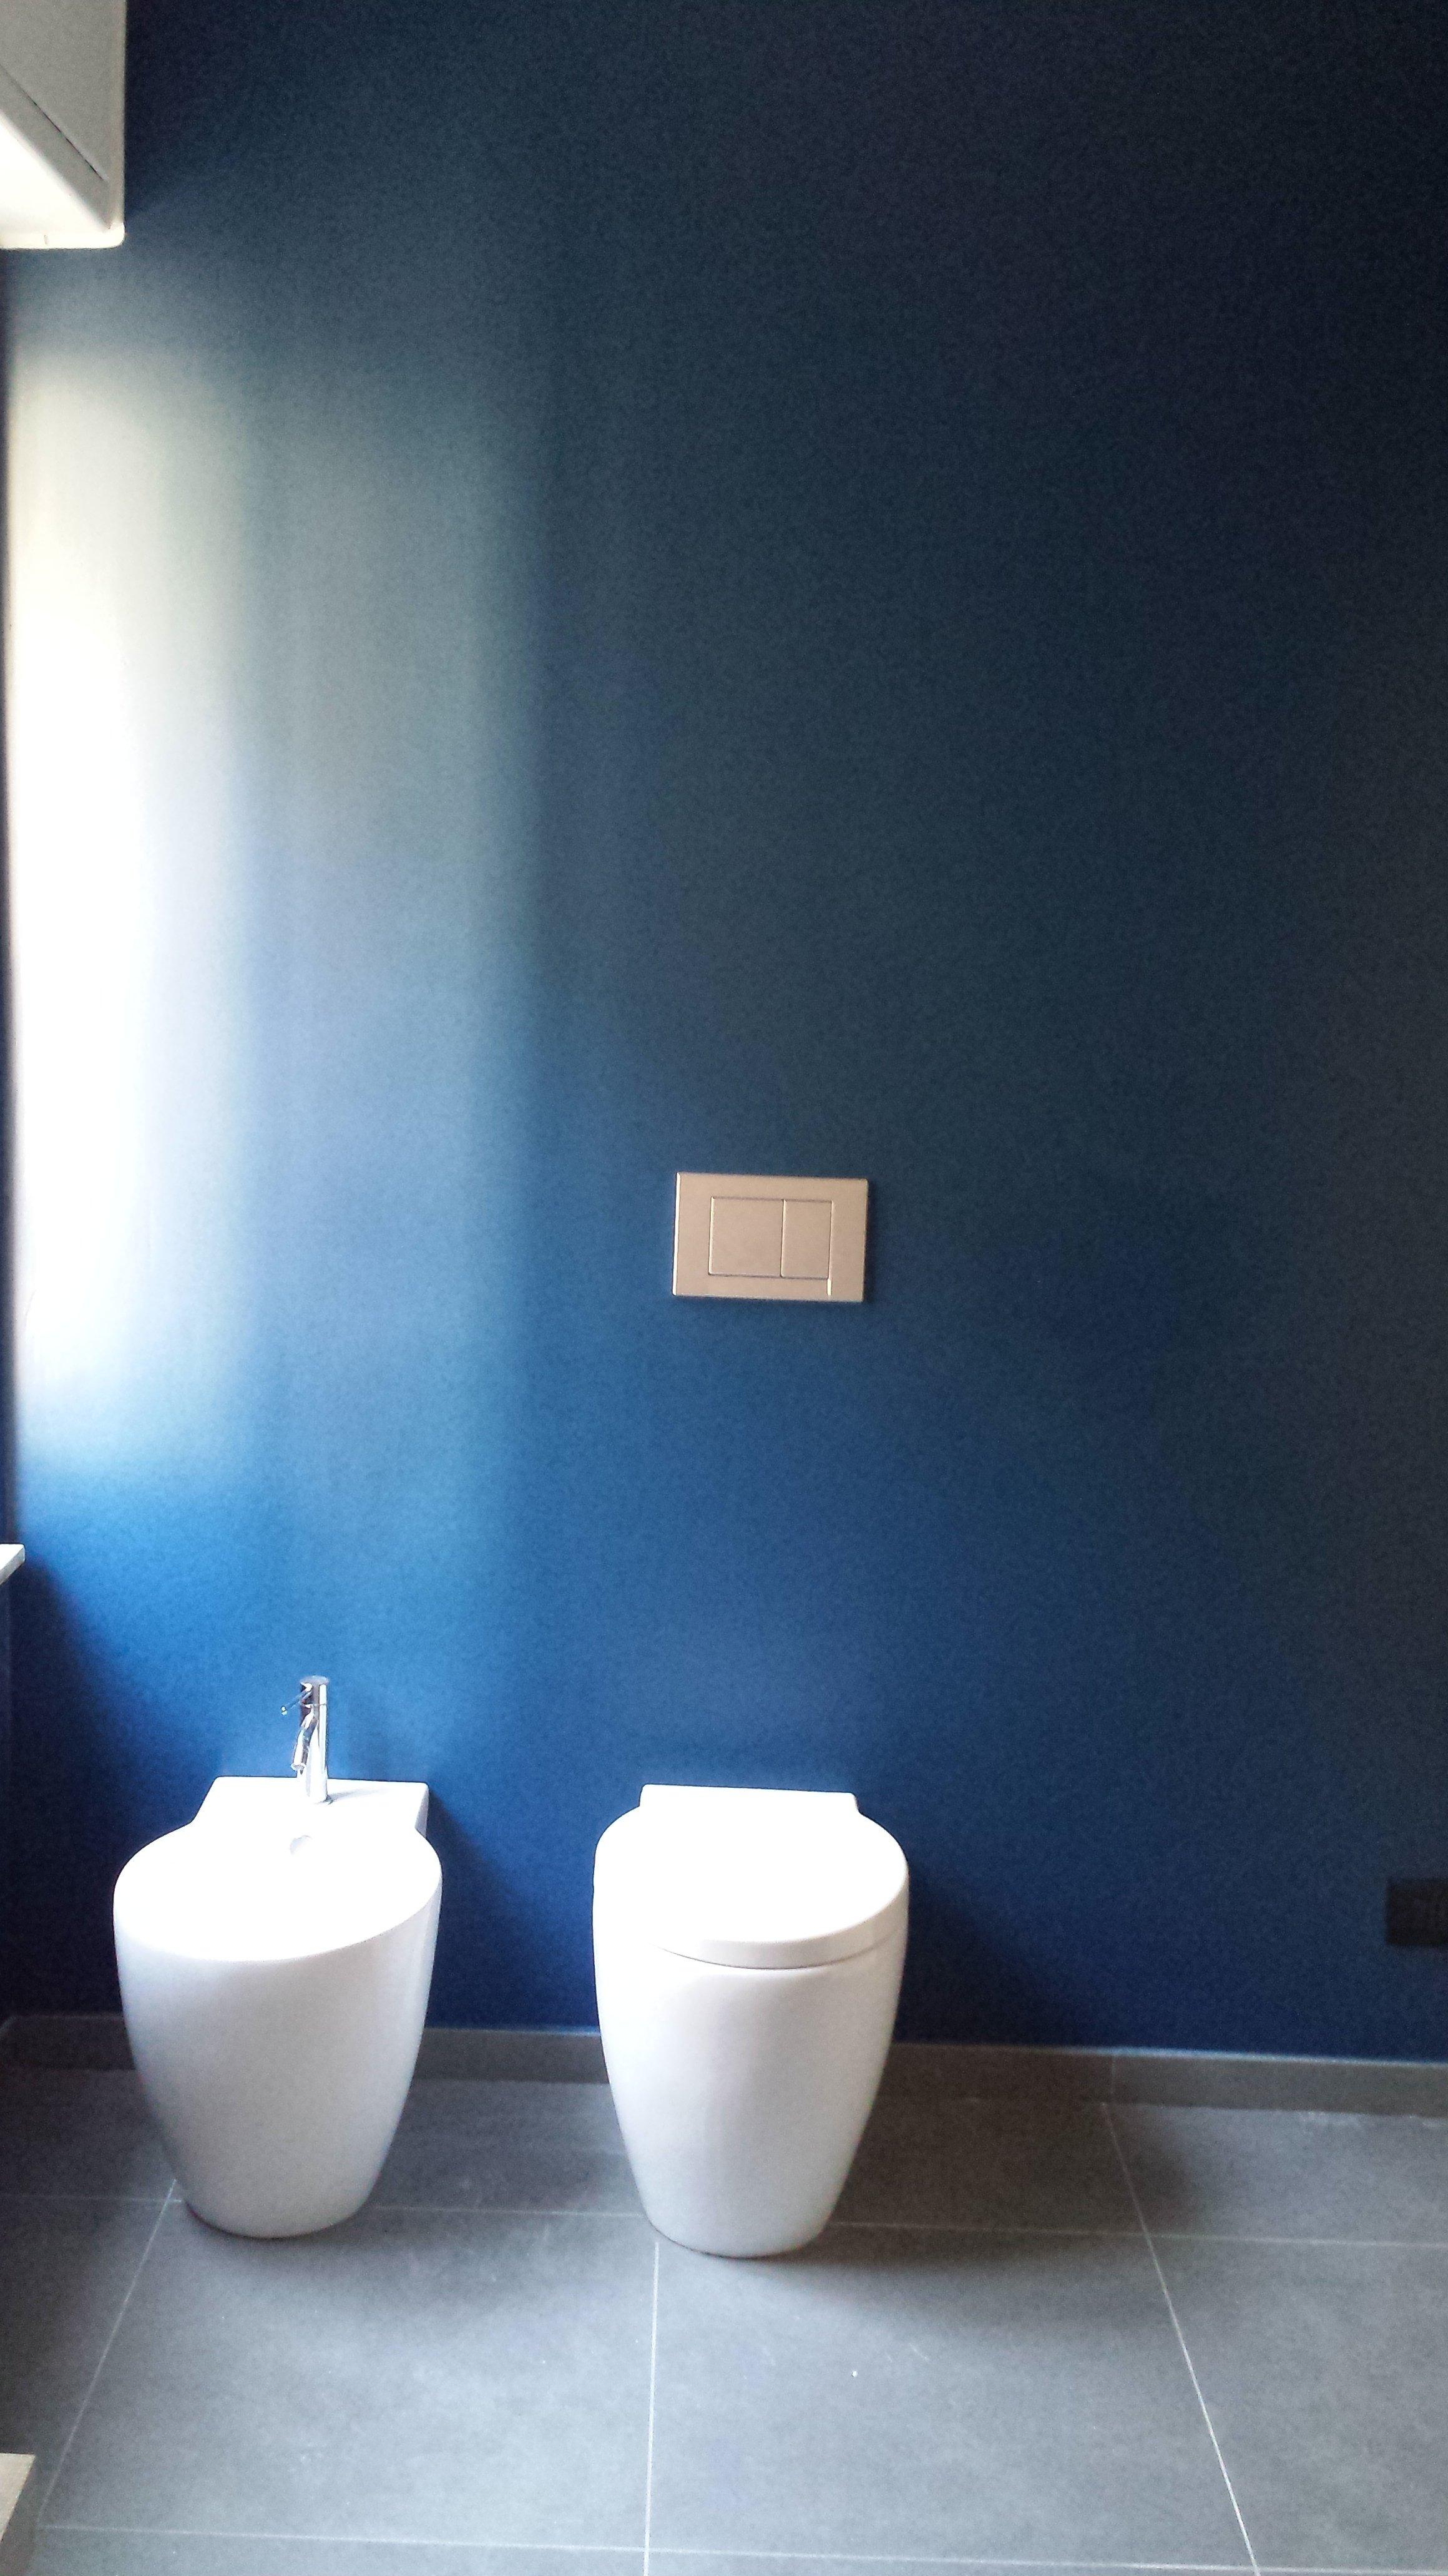 WC e bidet su parete blu